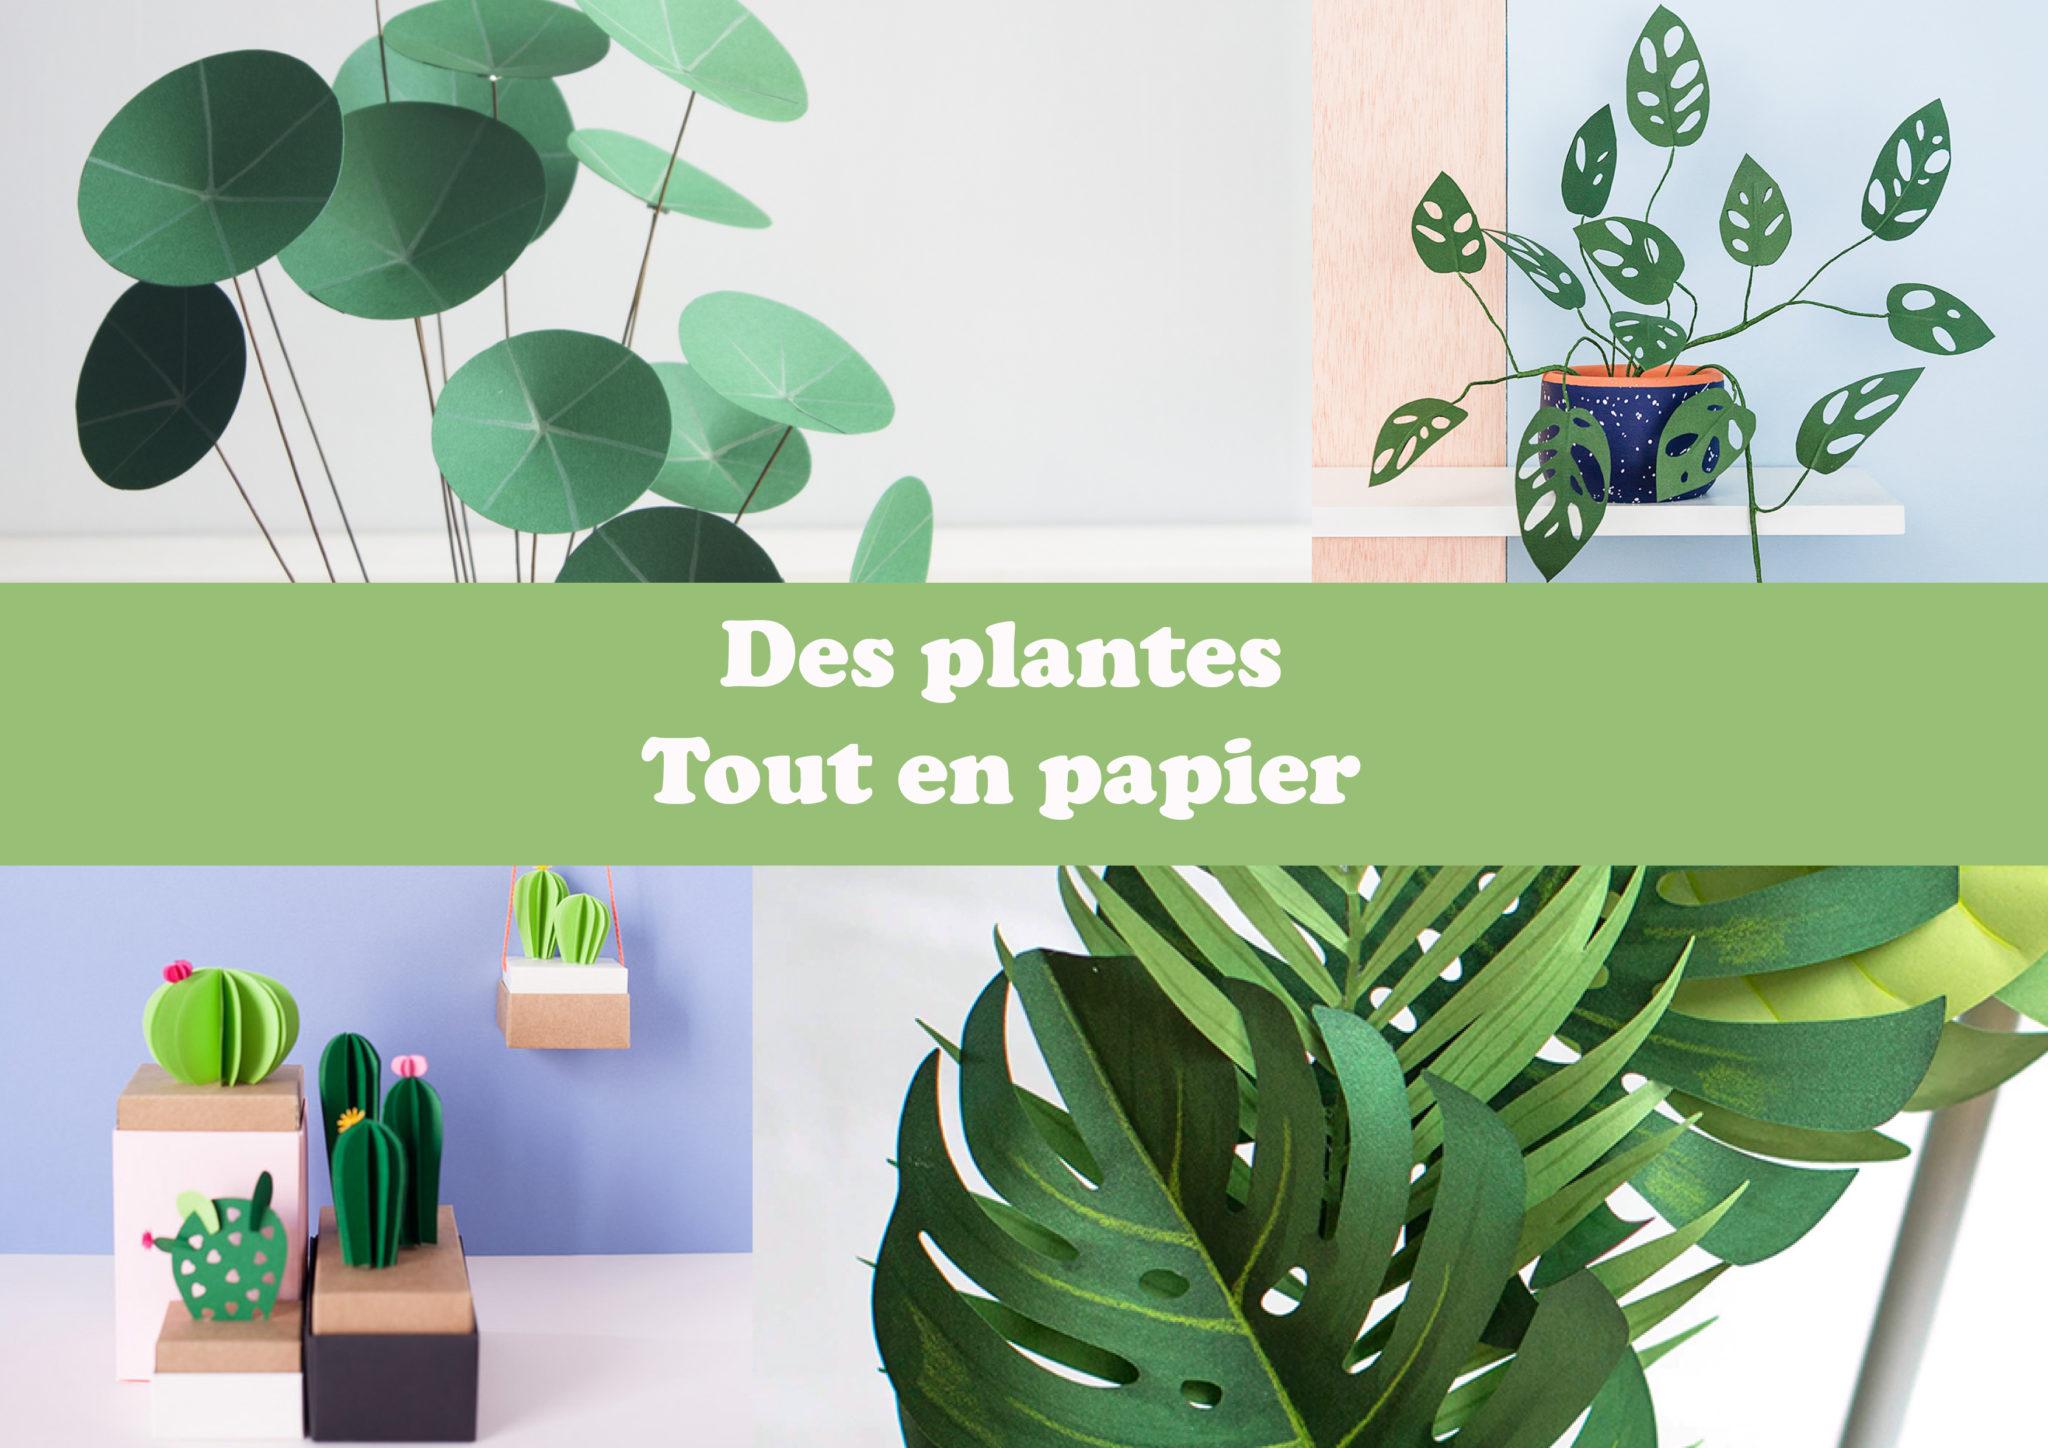 Des plantes tout en papier